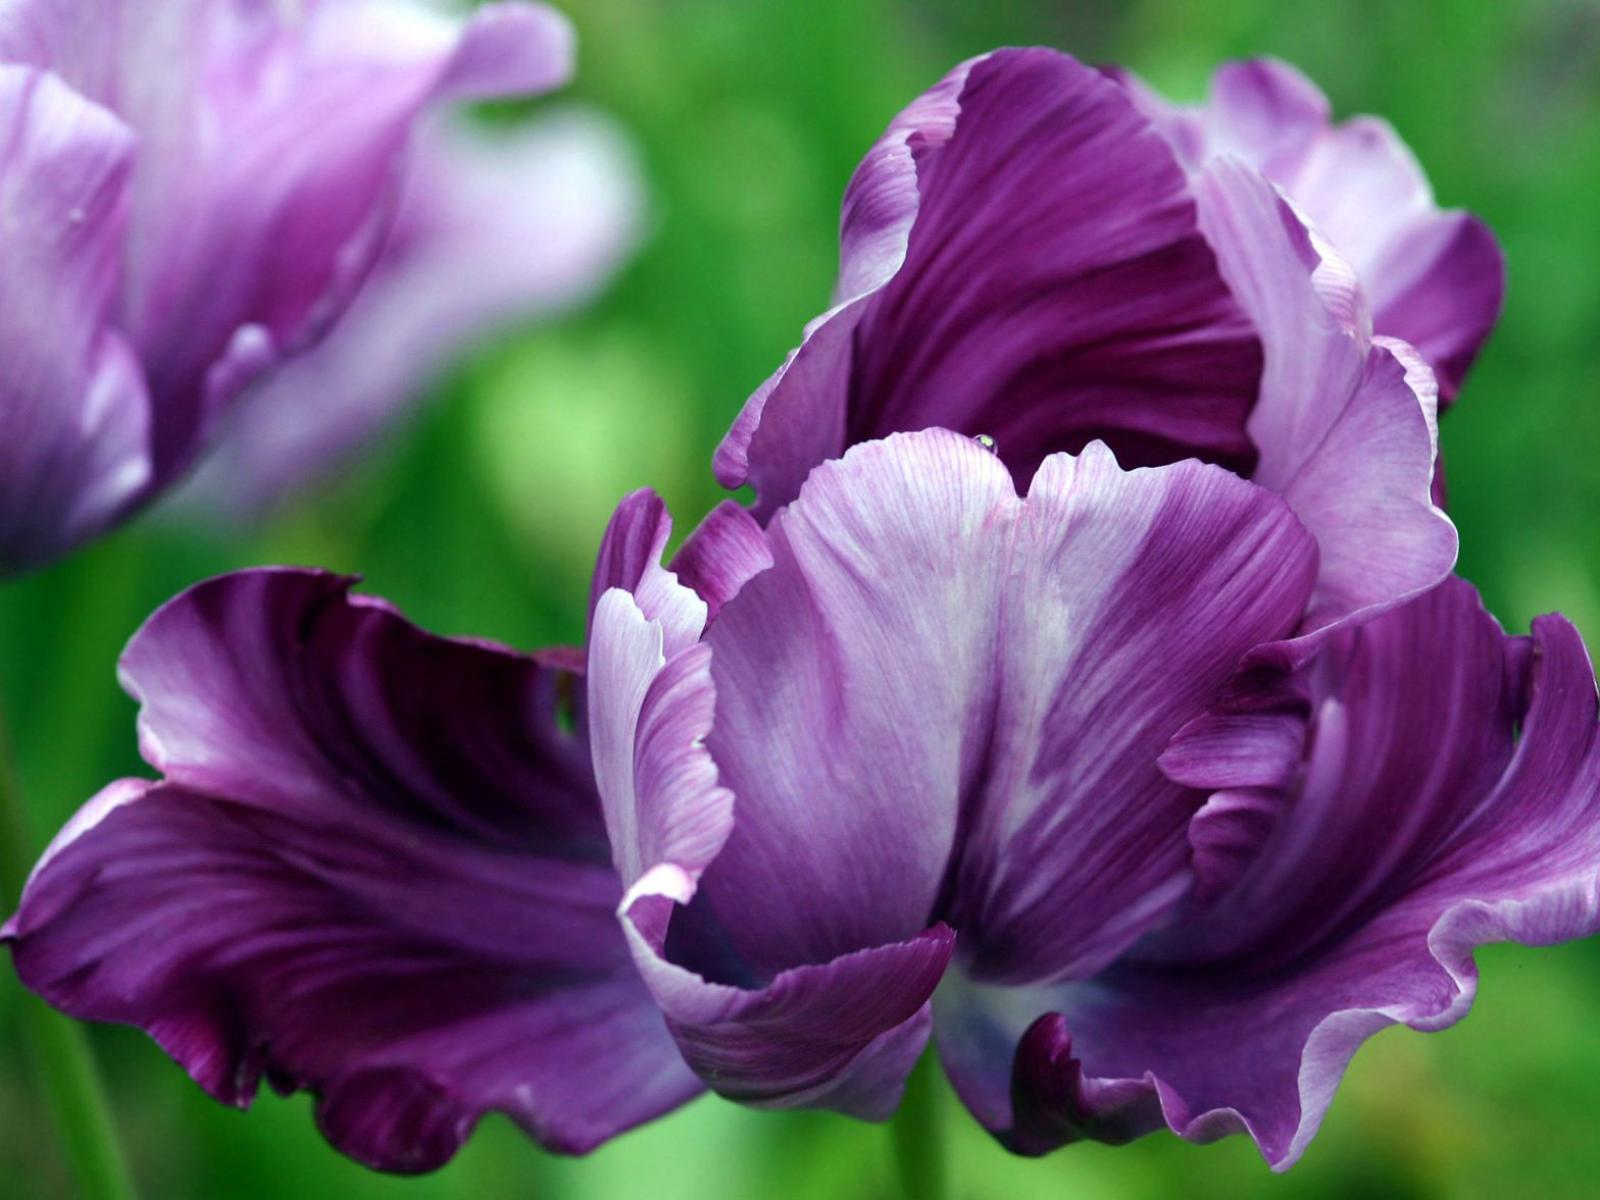 Скачать обои фиолетовый тюльпан